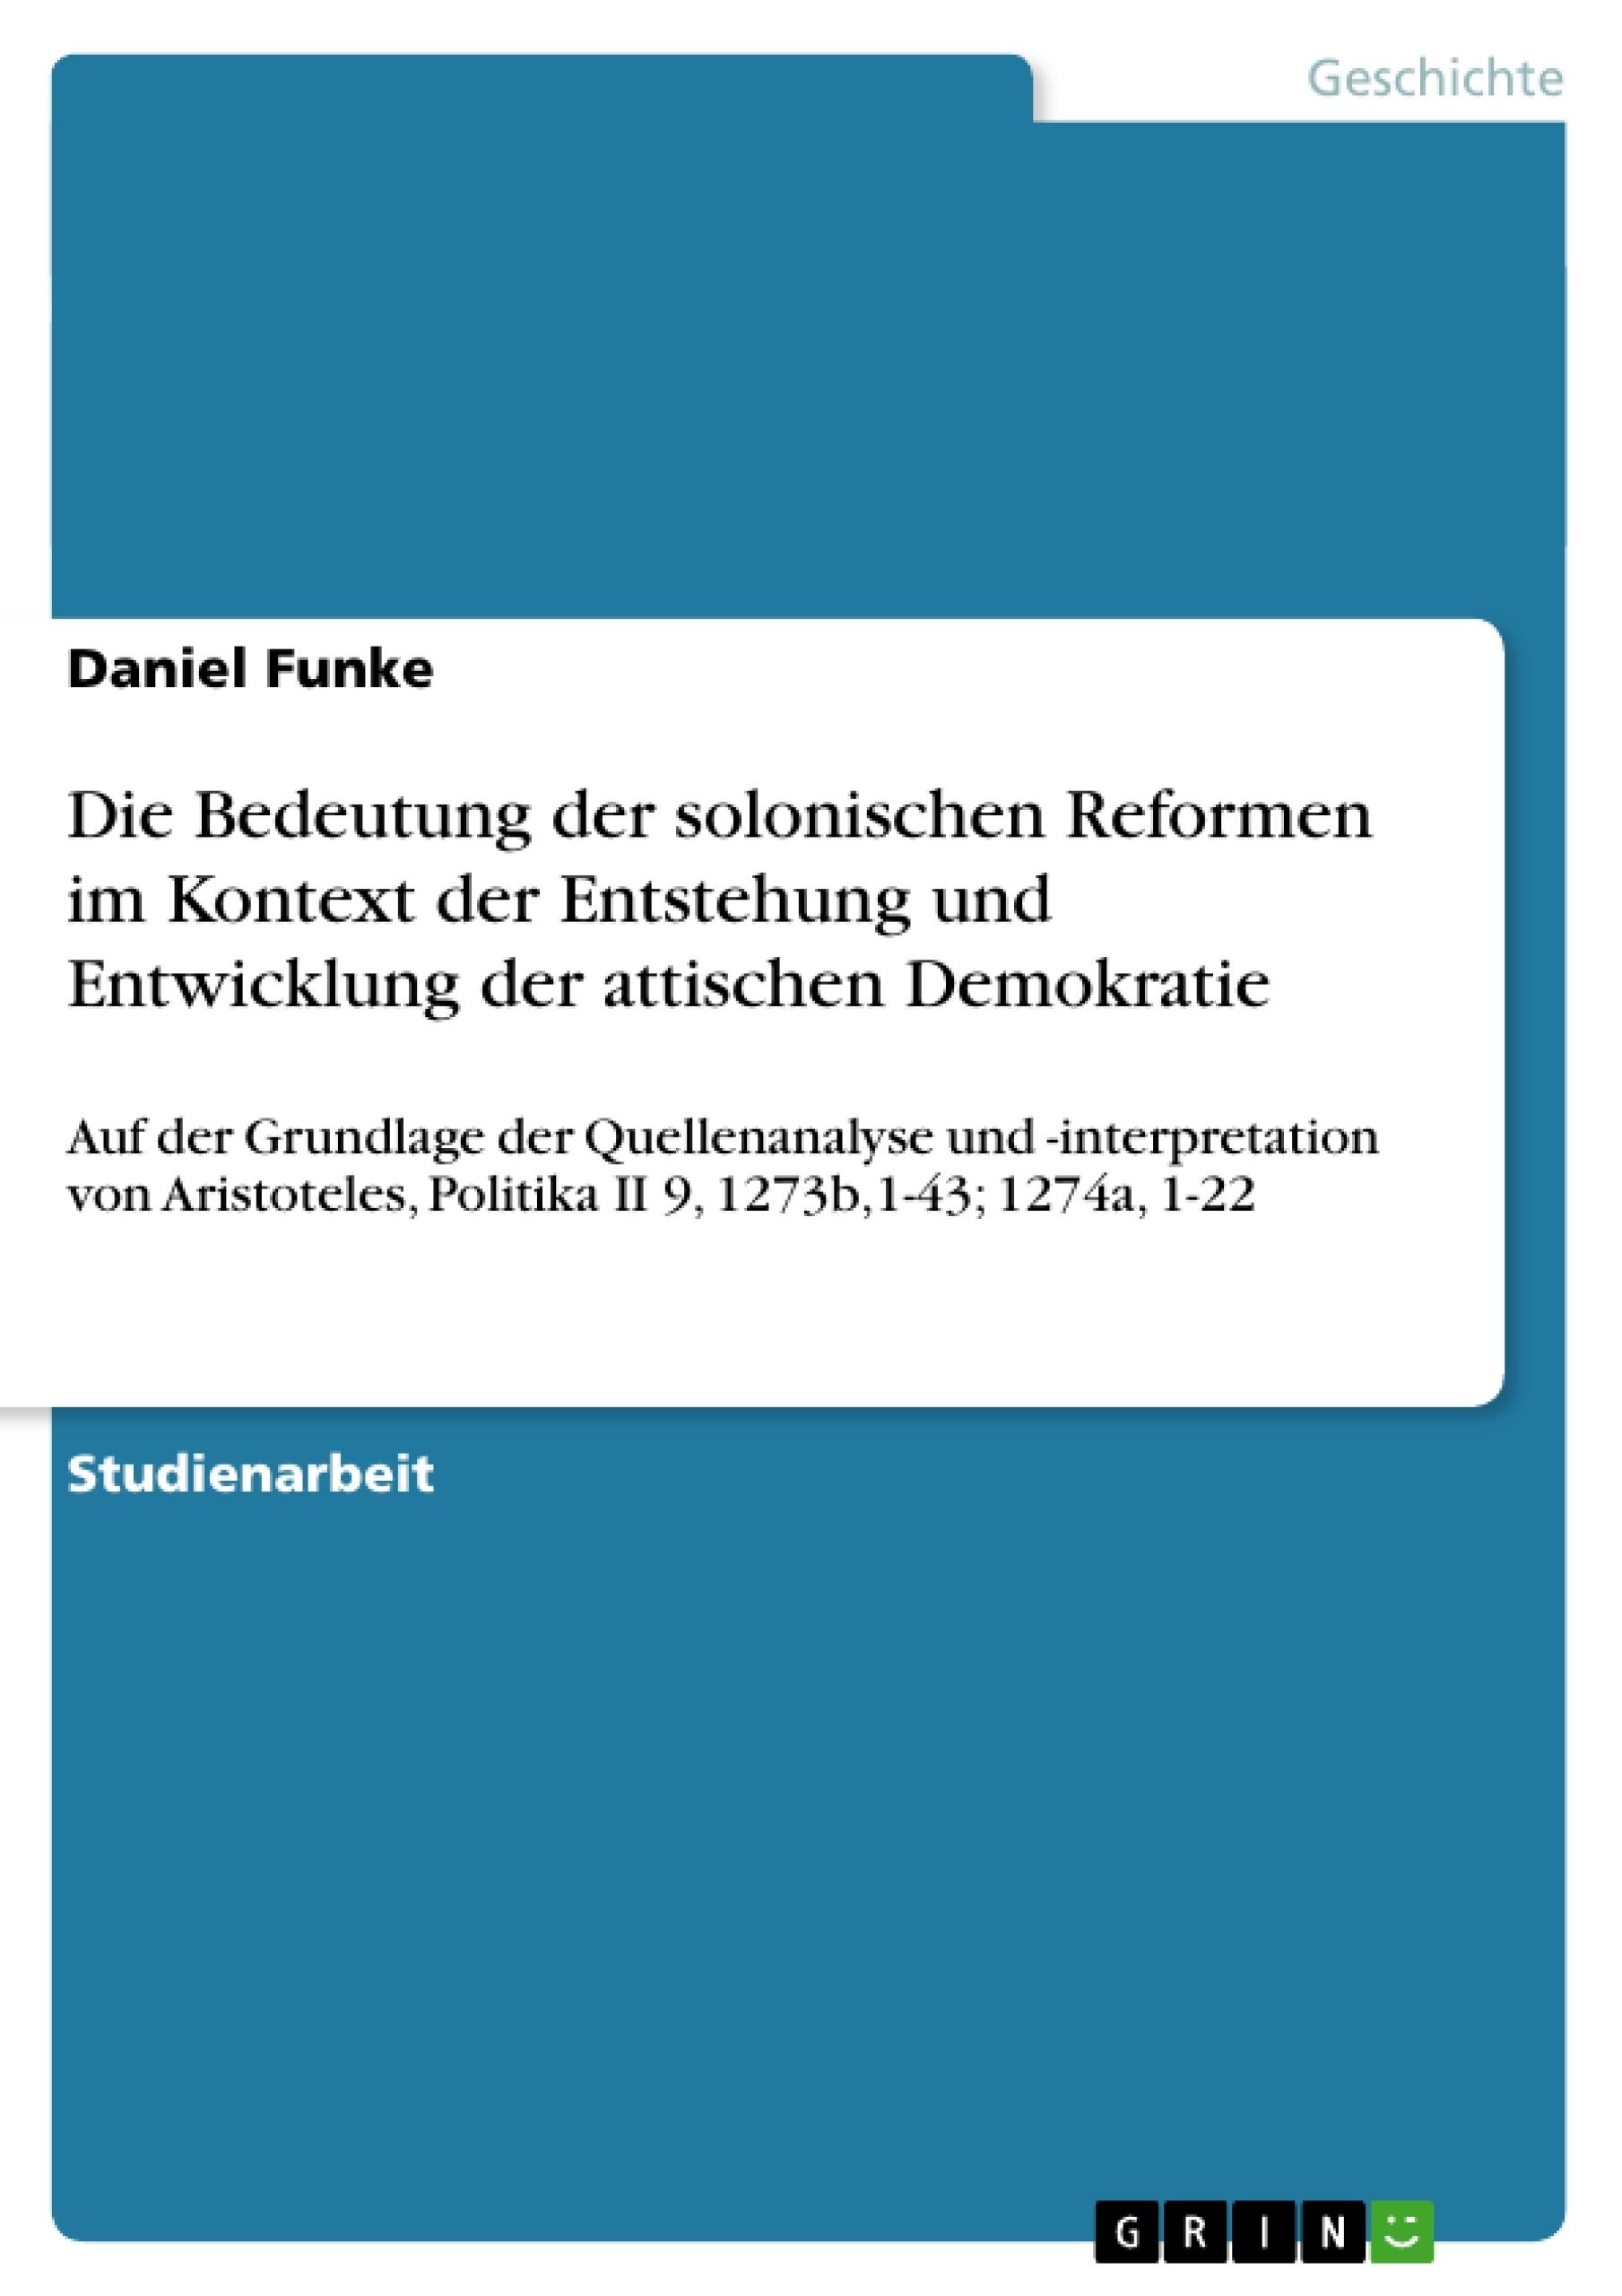 Titel: Die Bedeutung der solonischen Reformen im Kontext der Entstehung und Entwicklung der attischen Demokratie